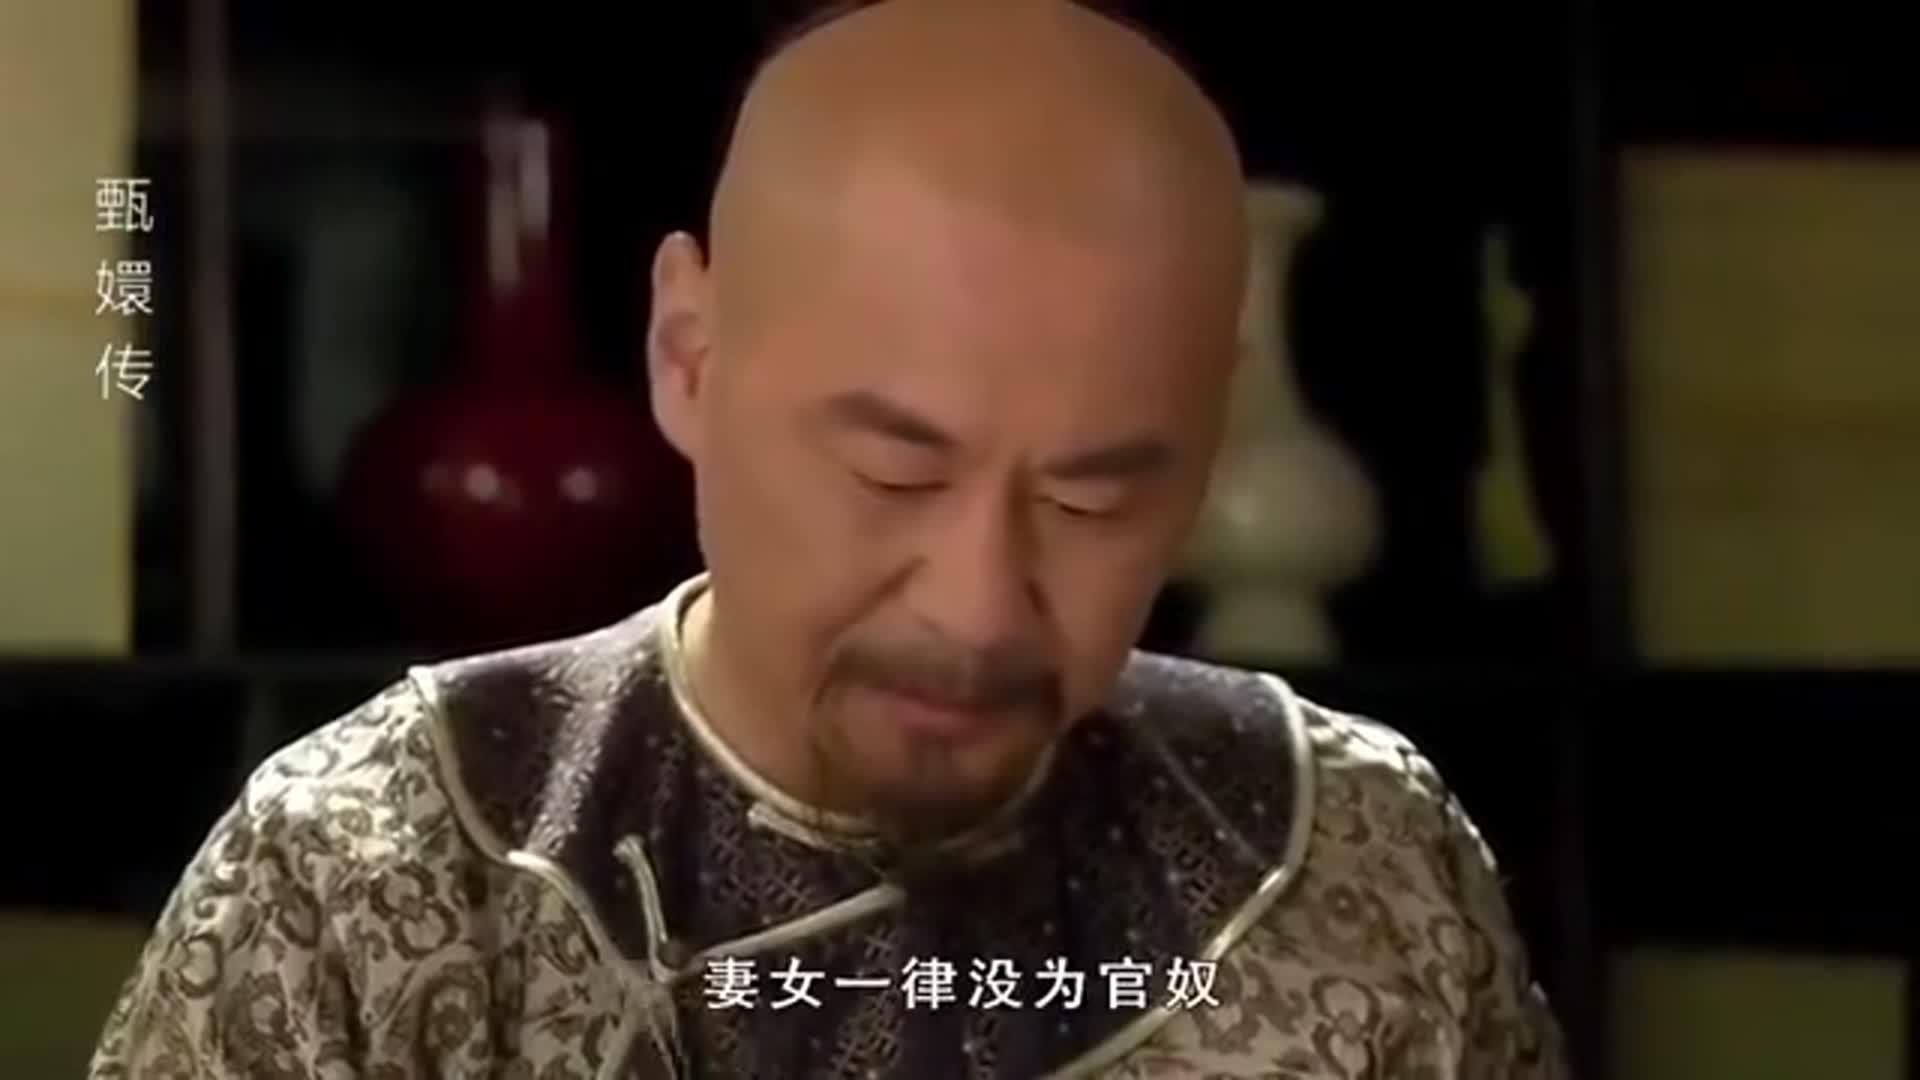 甄嬛传:祺贵人被活活打死,苏培盛最开心,原来她曾这样对槿汐